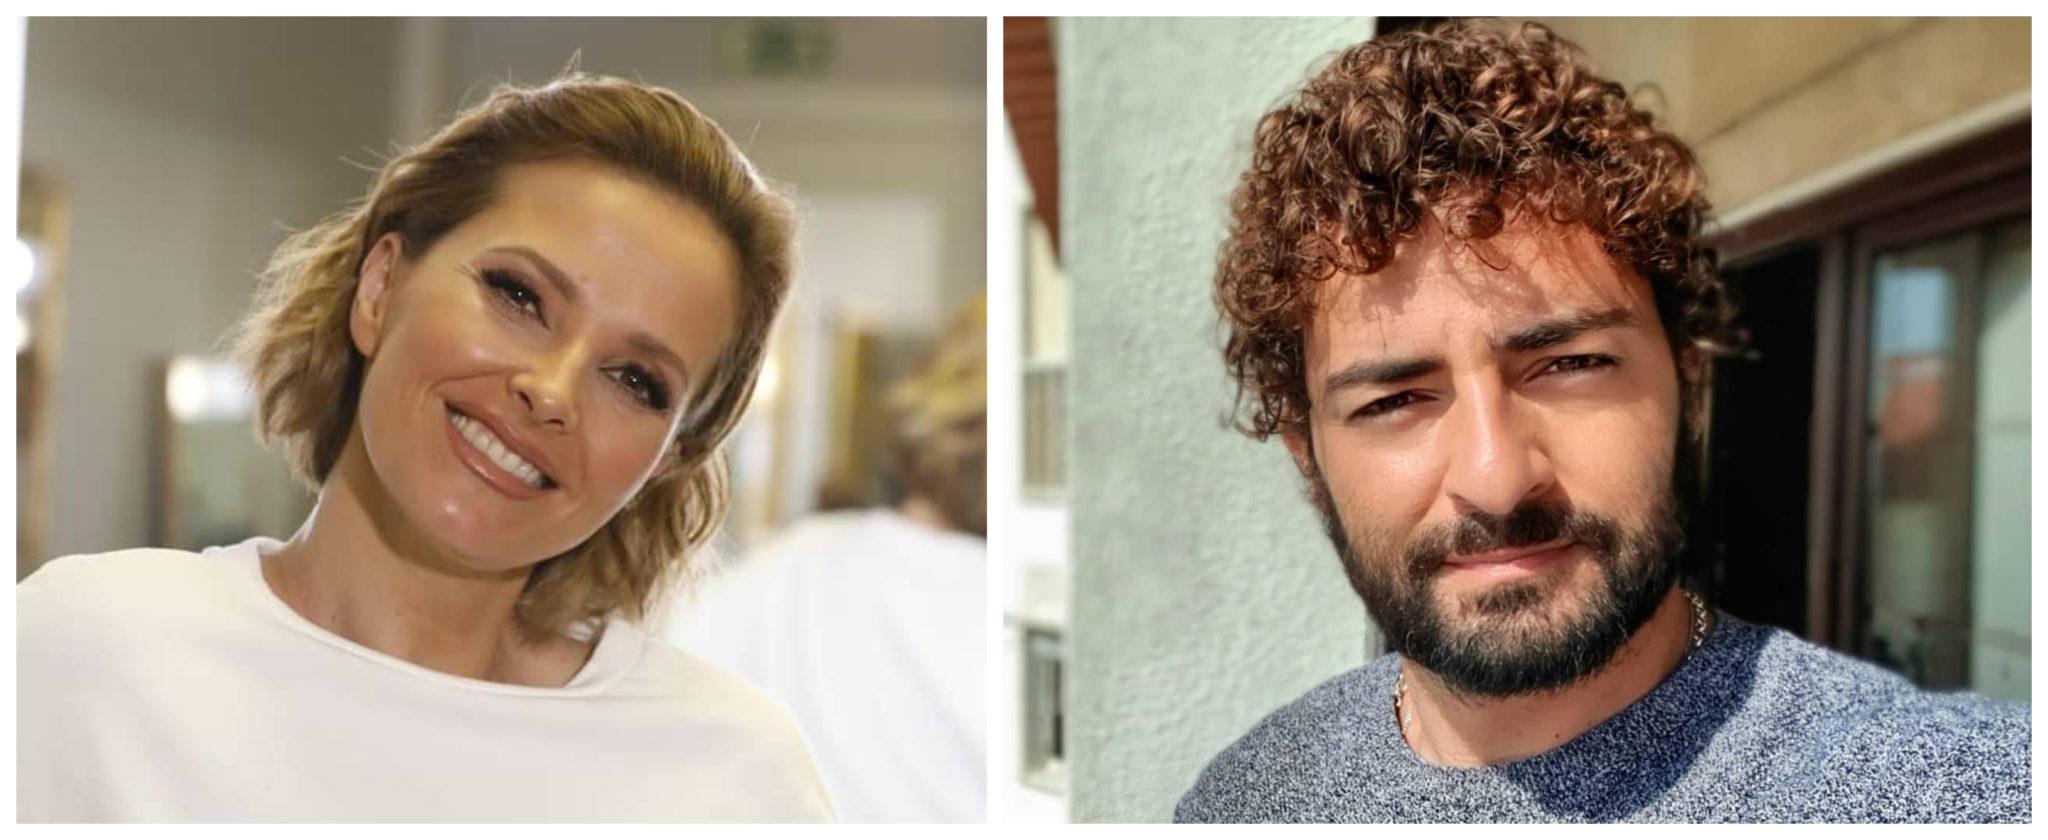 Cristina Ferreira E Diogo Faria Afinal, Onde O Mar É Mais Azul? Onde Está Cristina Ferreira Ou Namorado De Cláudio Ramos?